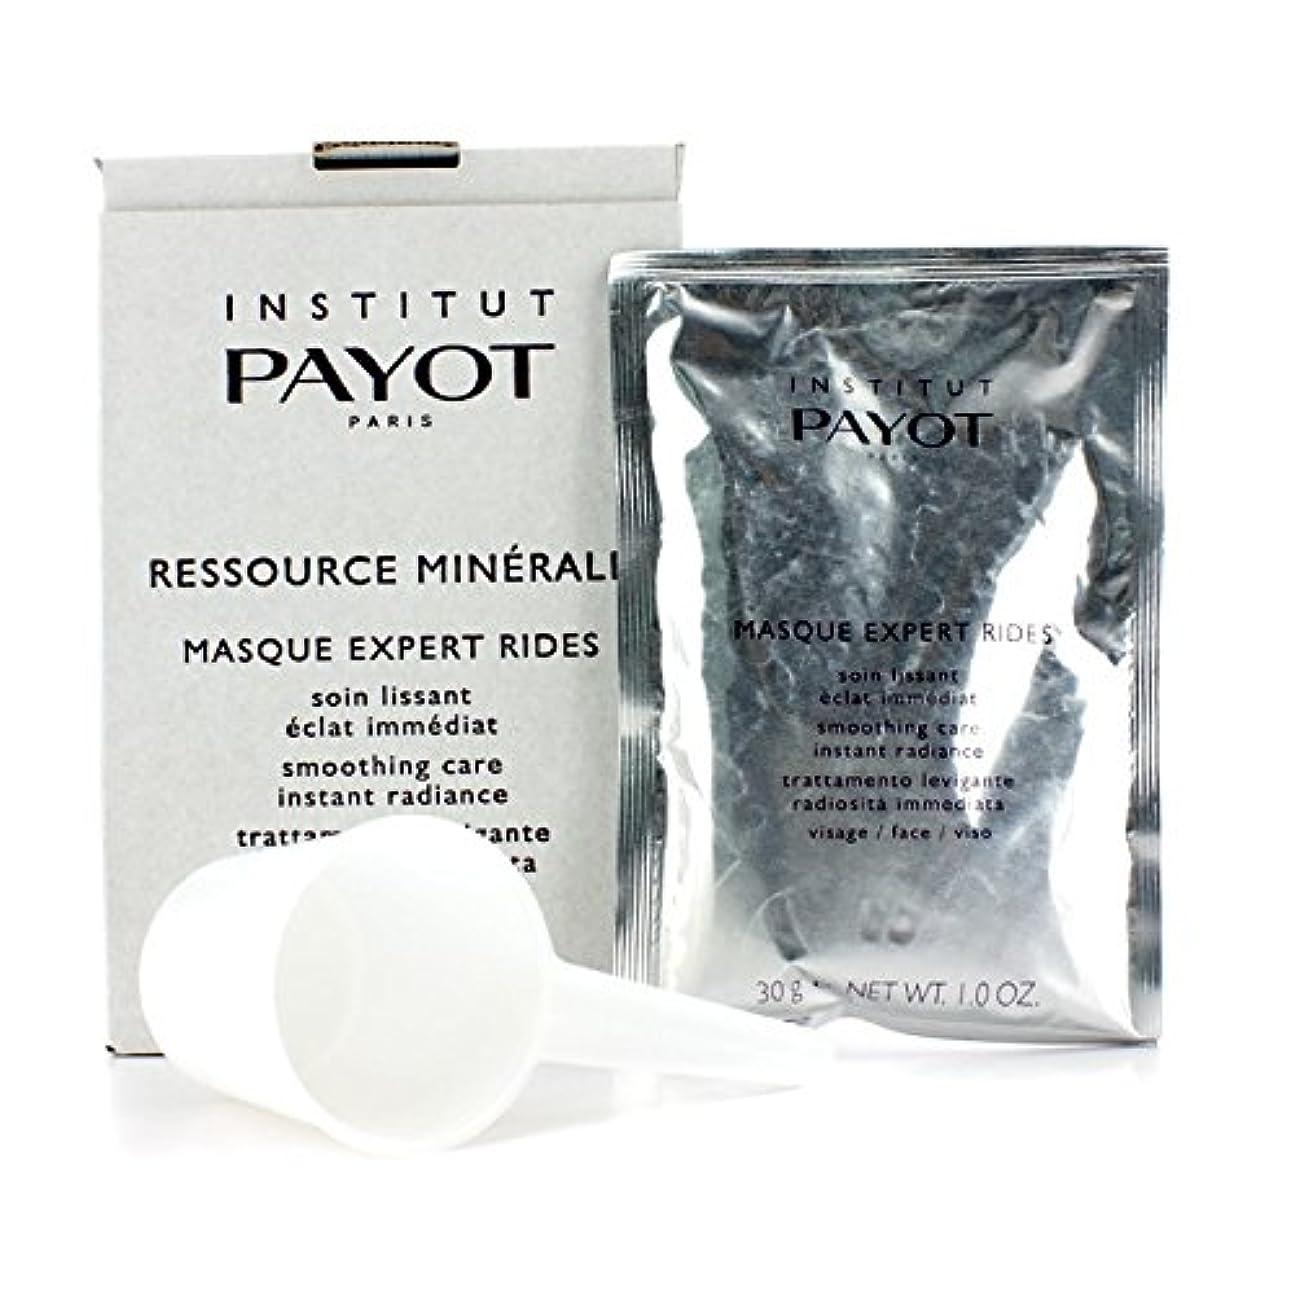 胸西そのパイヨ リソース ミネラル マスク エクスパート リ度(サロンサイズ) 5x30g/1oz並行輸入品